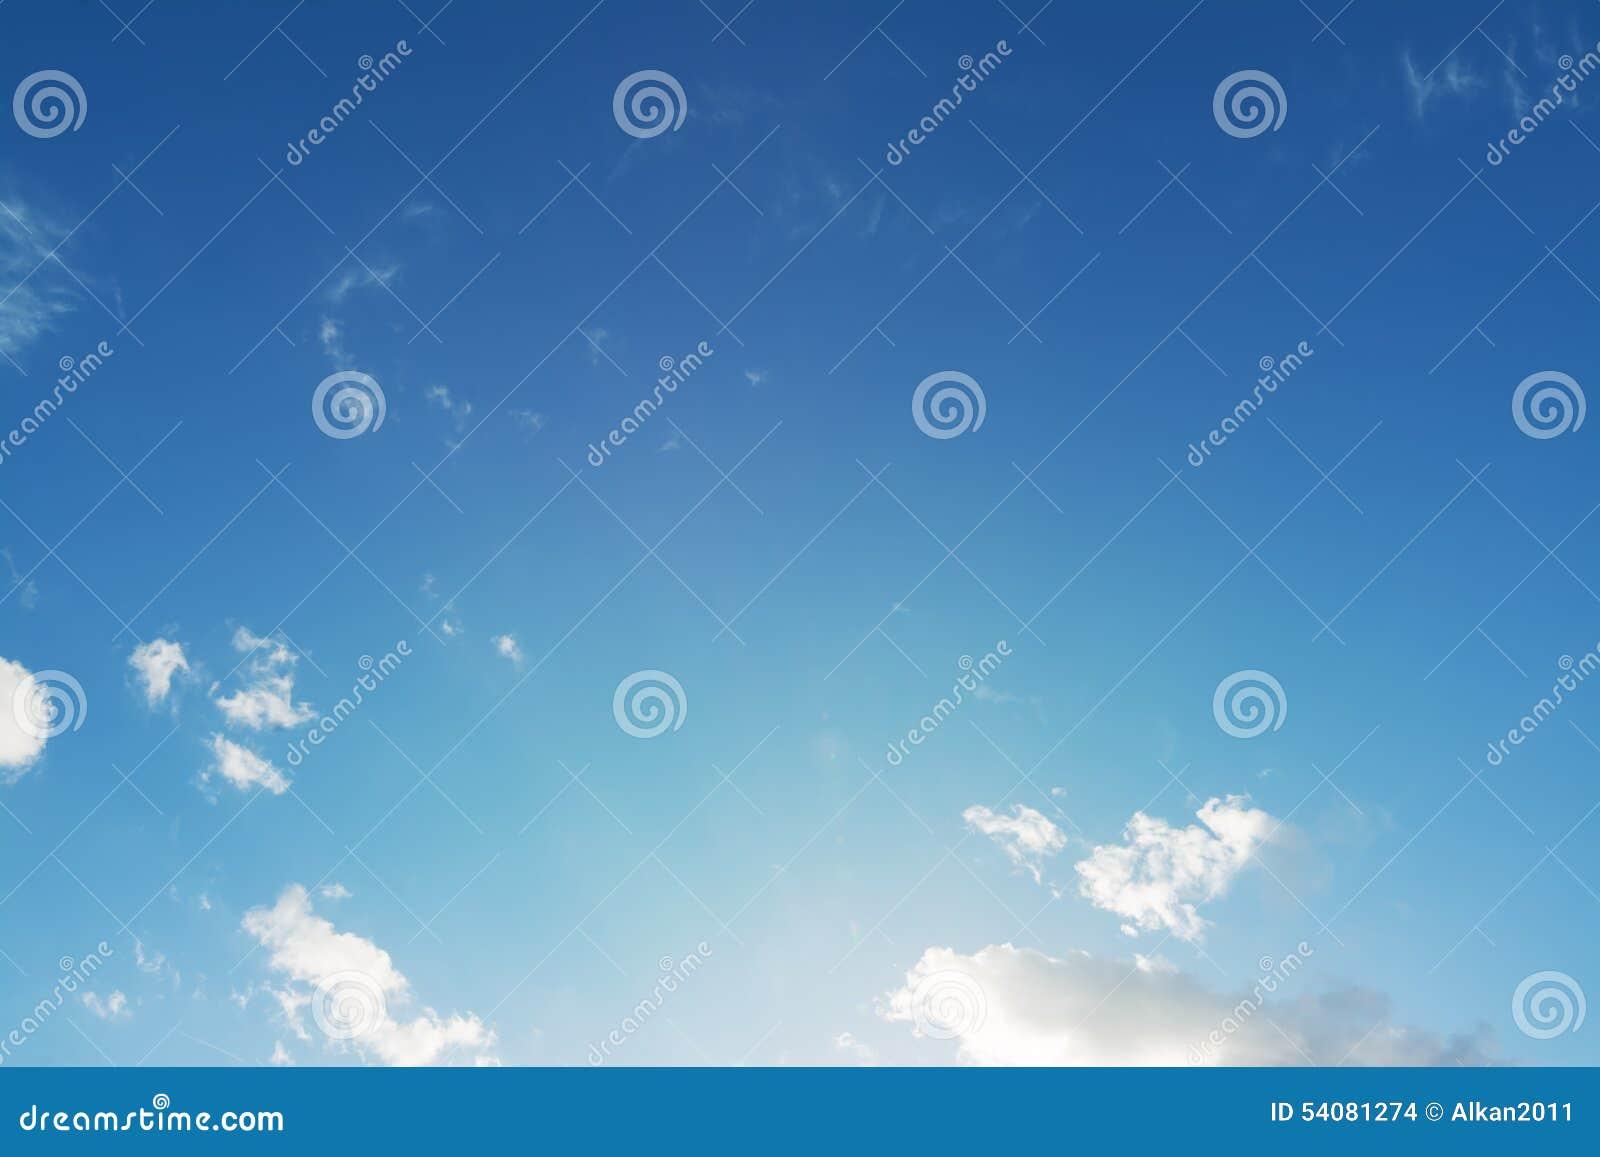 Blauwe hemel en kleine wolken